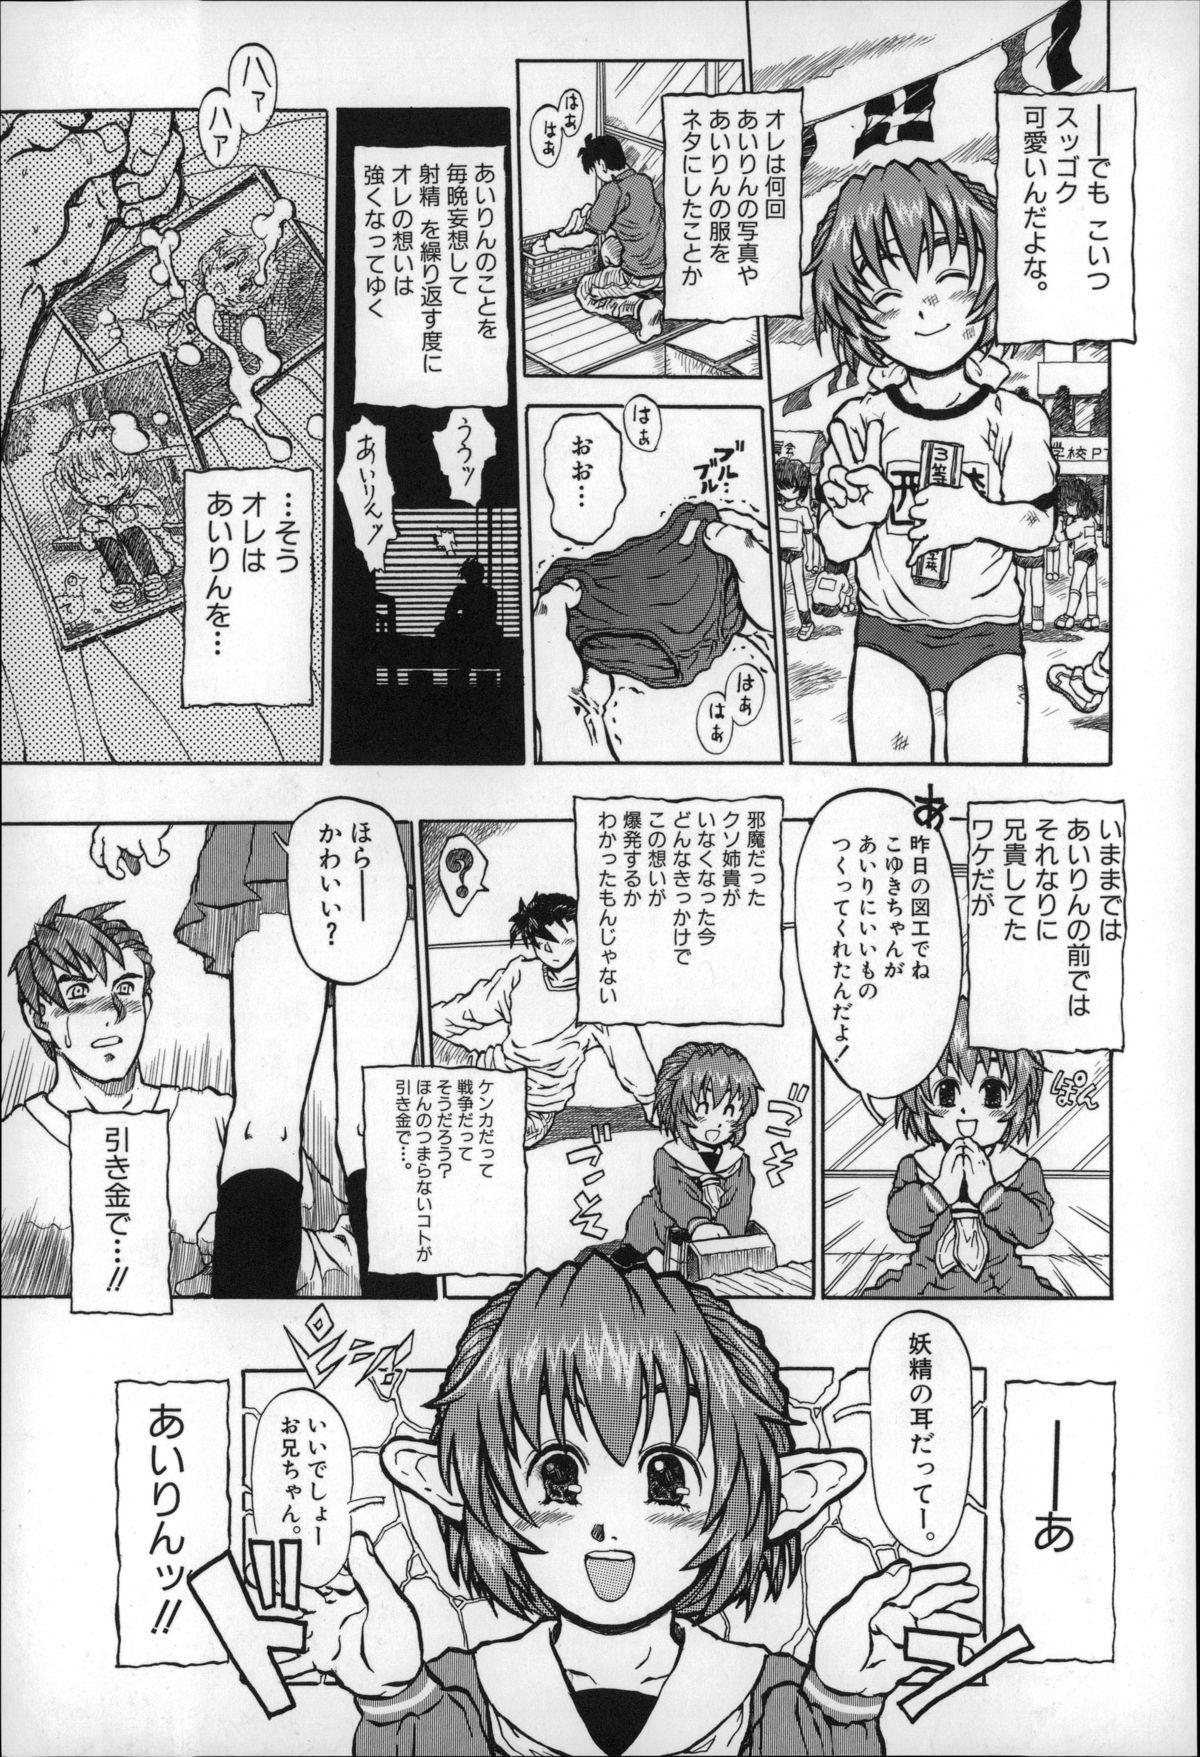 Otona wa Minaide! 81